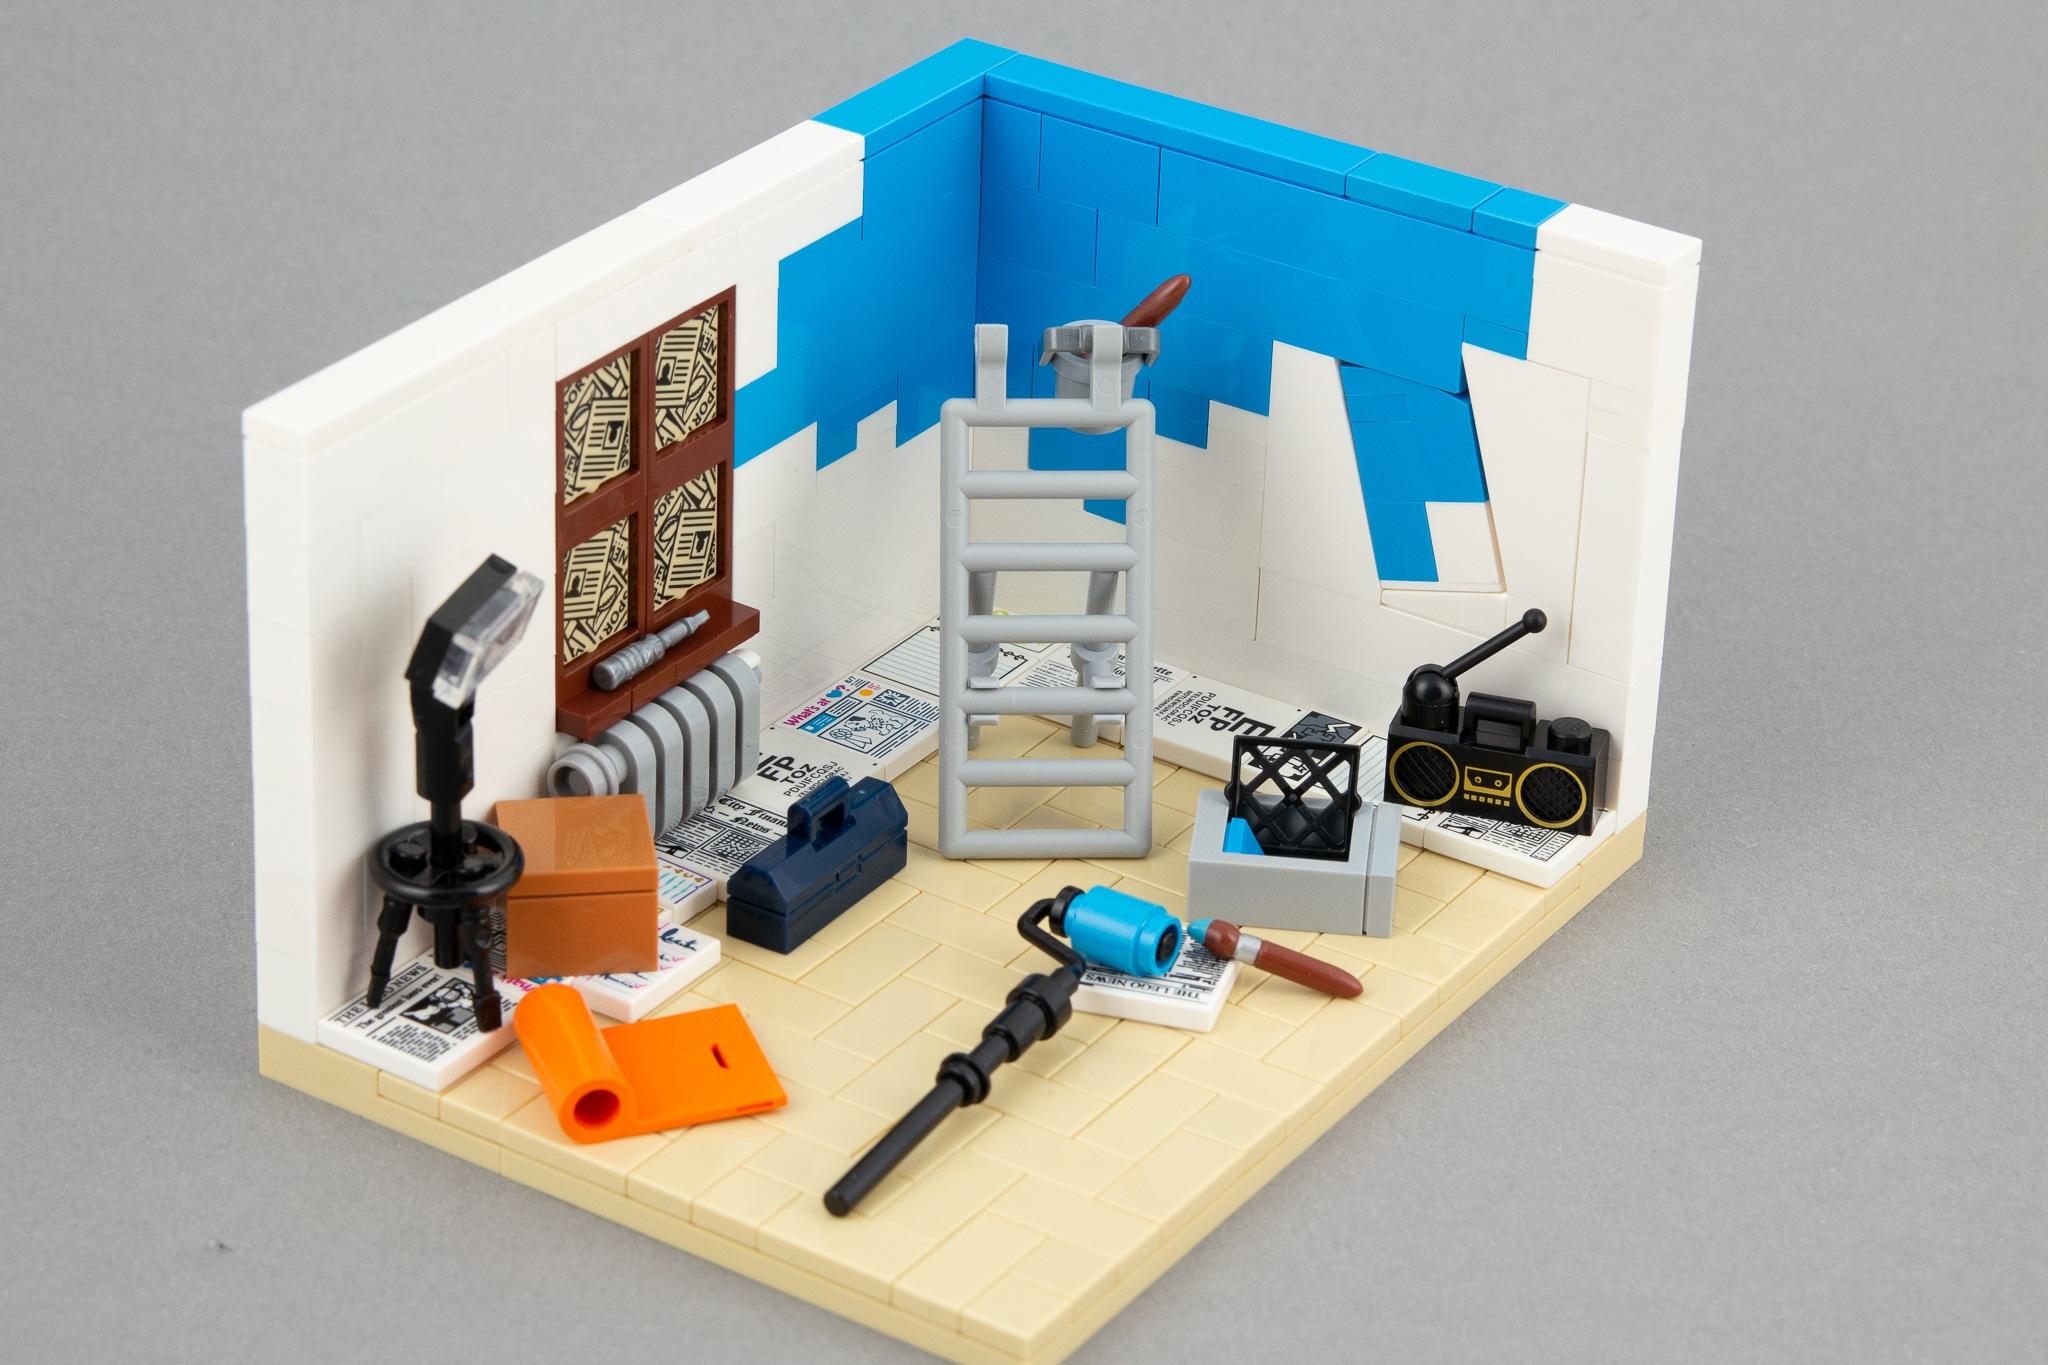 LEGO Renovierung Moc (2)